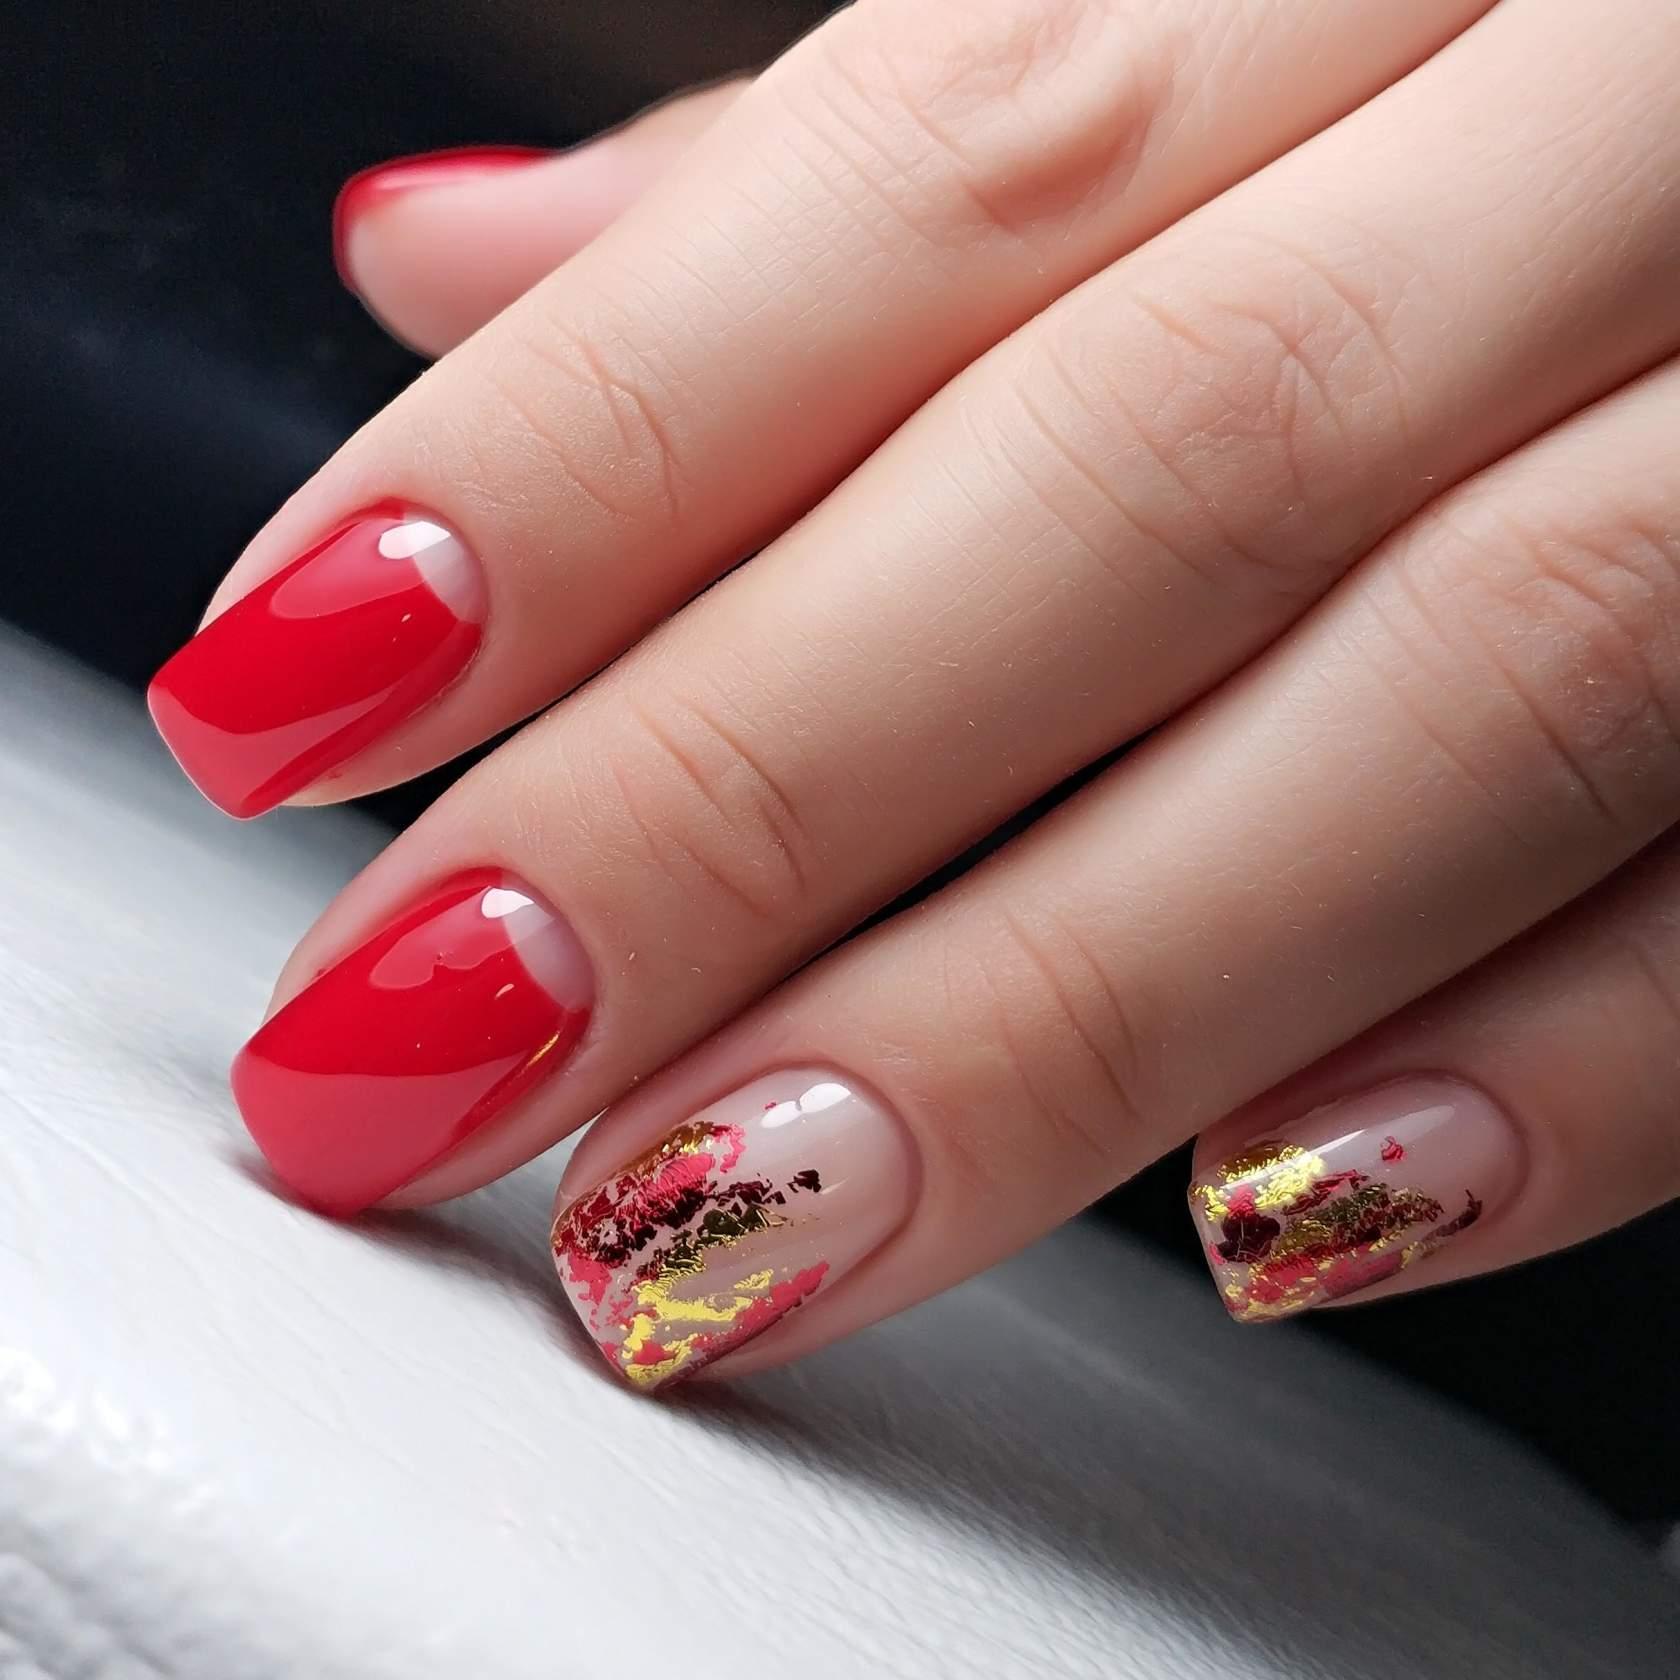 Дизайн ногтей красный с фольгой фото новинки